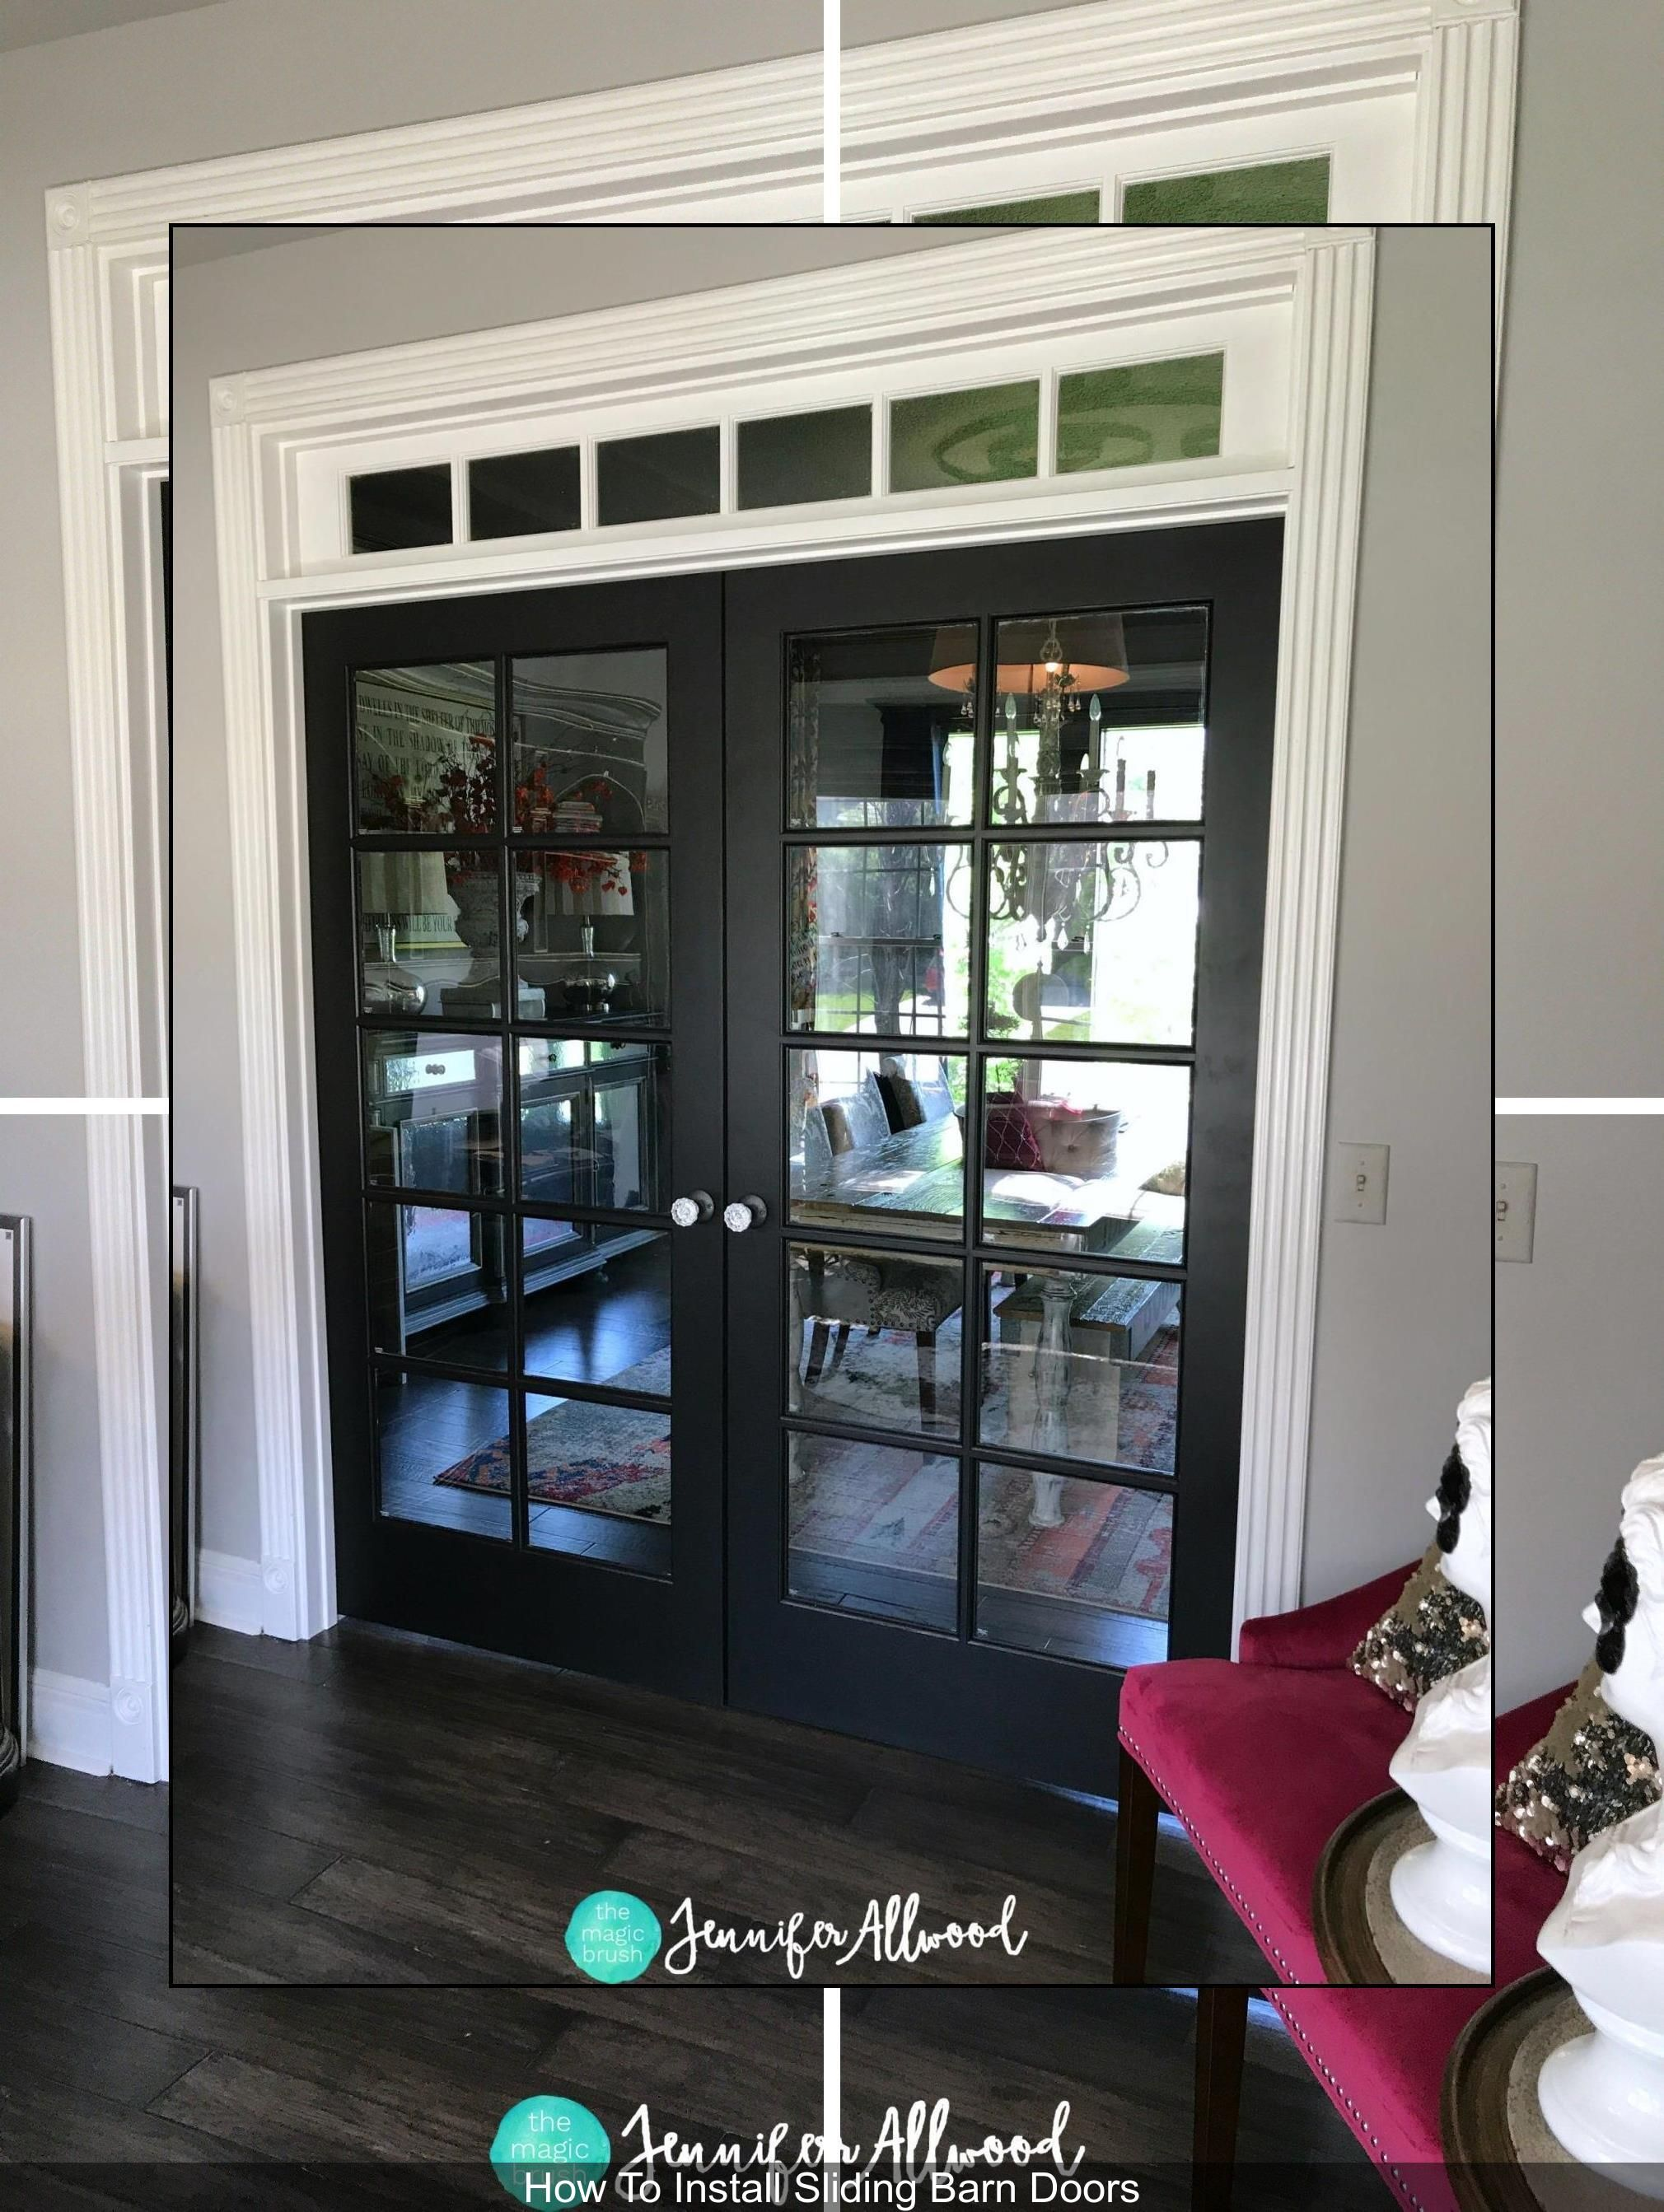 French Patio Doors Barn Door Interior Sliding Doors Wide Bi Fold Internal Doors In 2020 Interior Doors For Sale Buy Interior Doors French Doors Interior